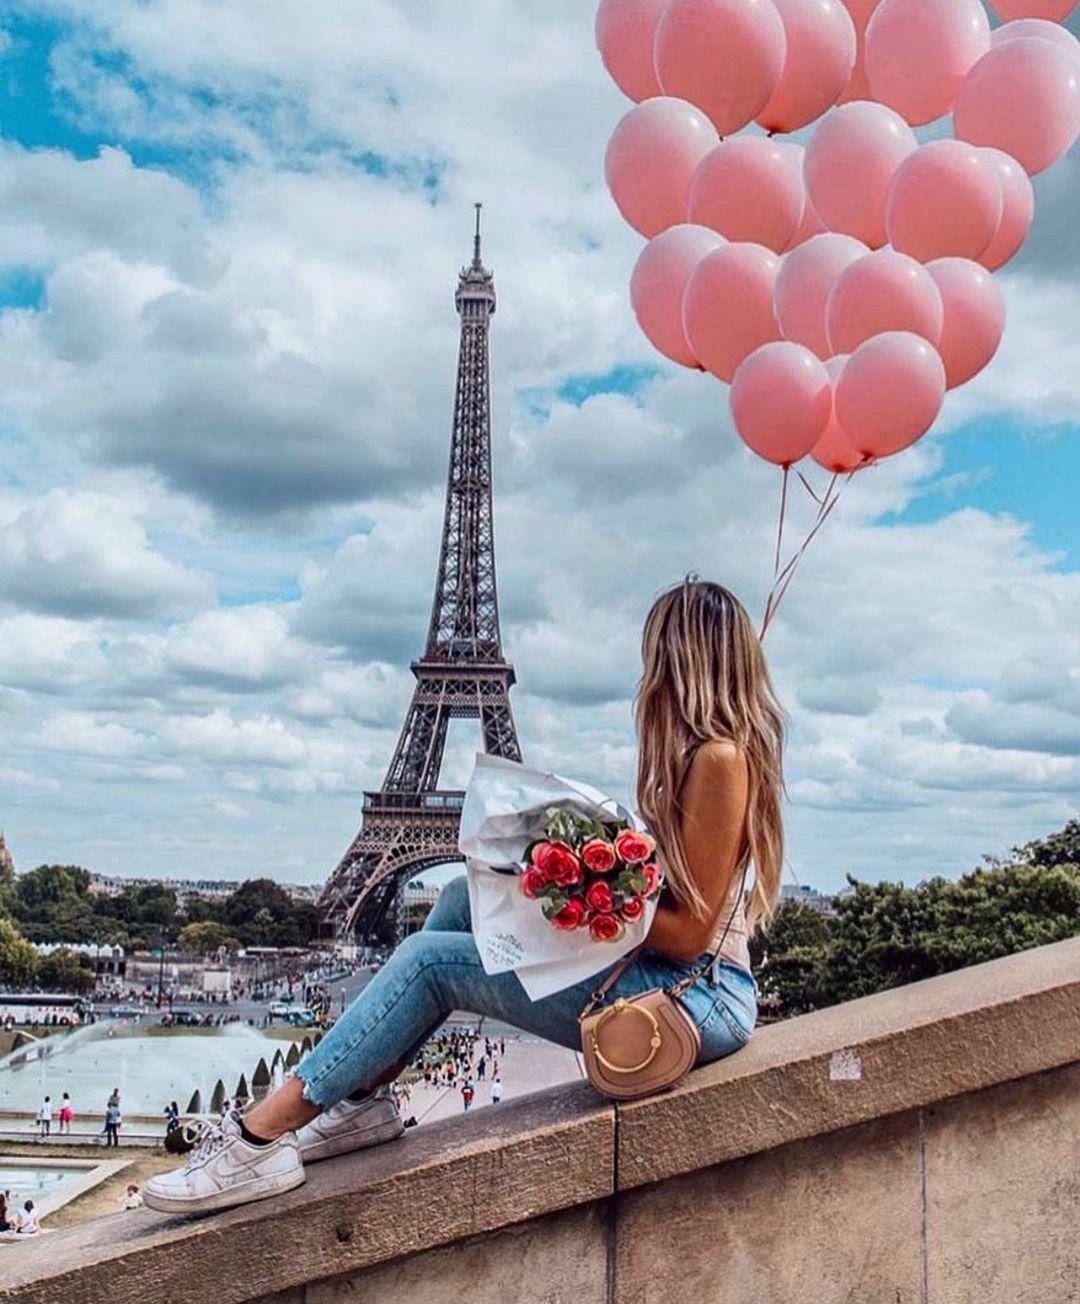 Vacanta in plina vara in Paris – 254 euro (zbor + cazare 6 nopti)